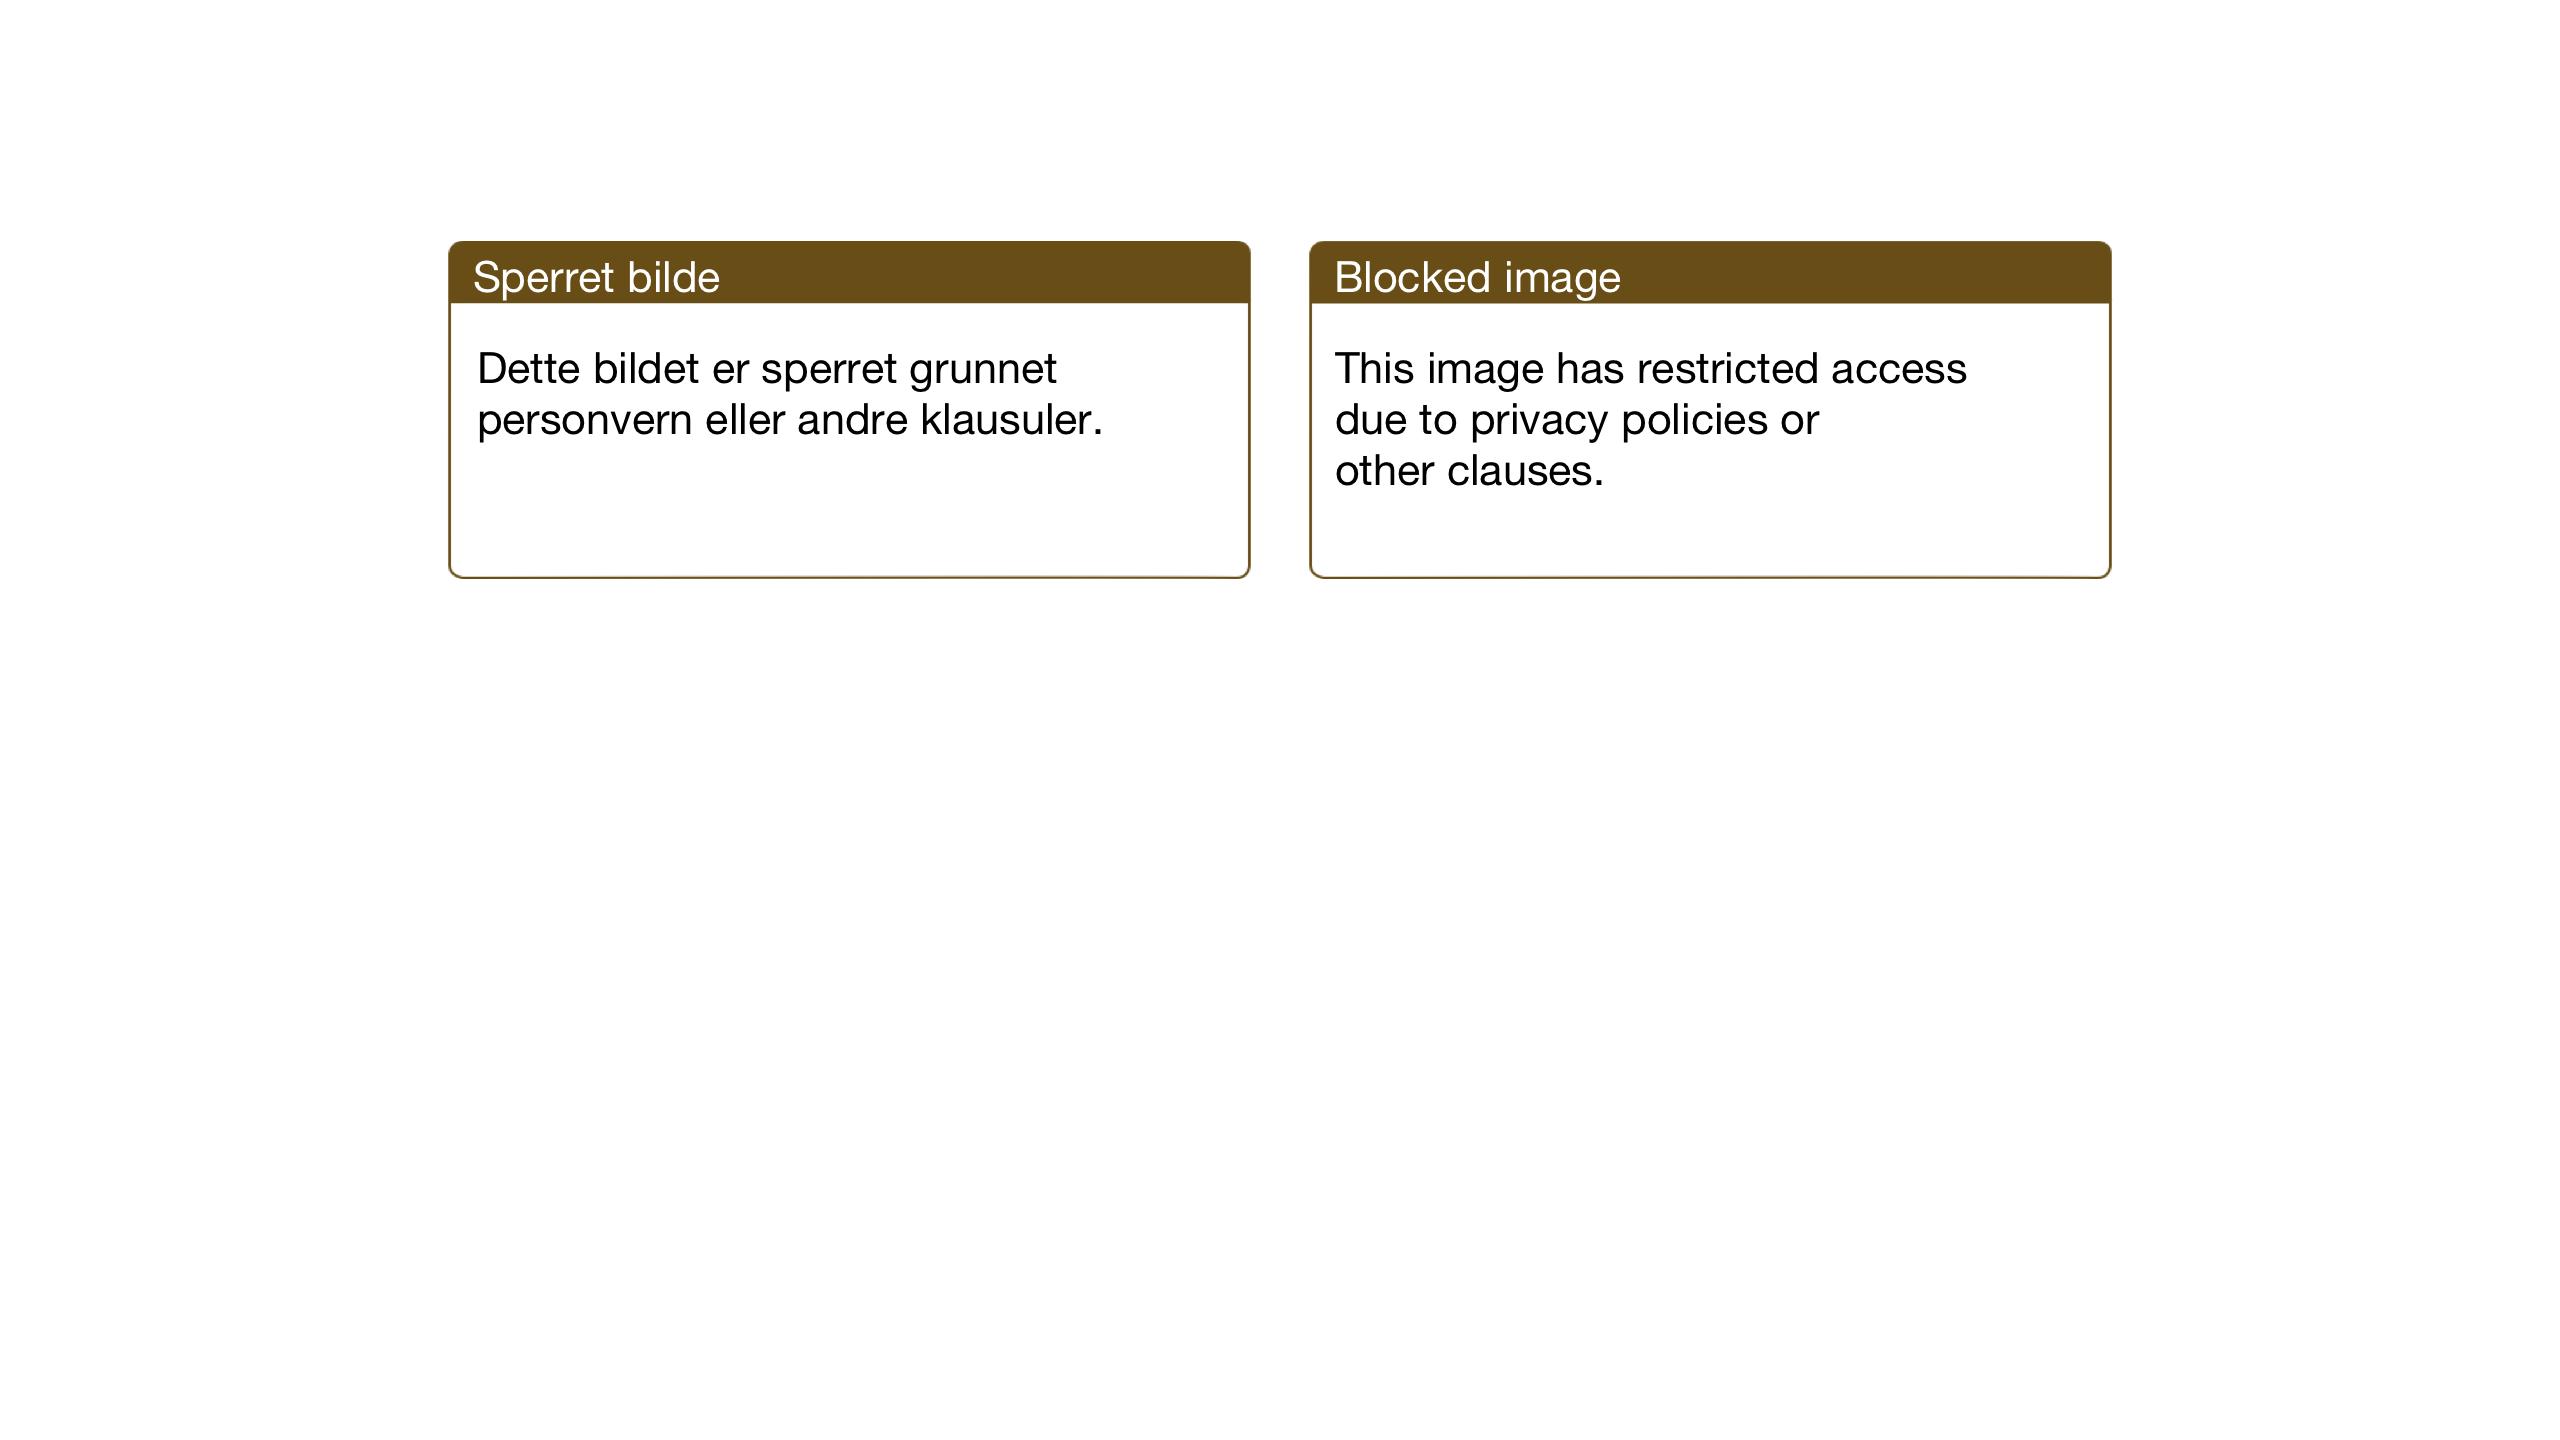 SAT, Ministerialprotokoller, klokkerbøker og fødselsregistre - Nord-Trøndelag, 766/L0564: Ministerialbok nr. 767A02, 1900-1932, s. 68